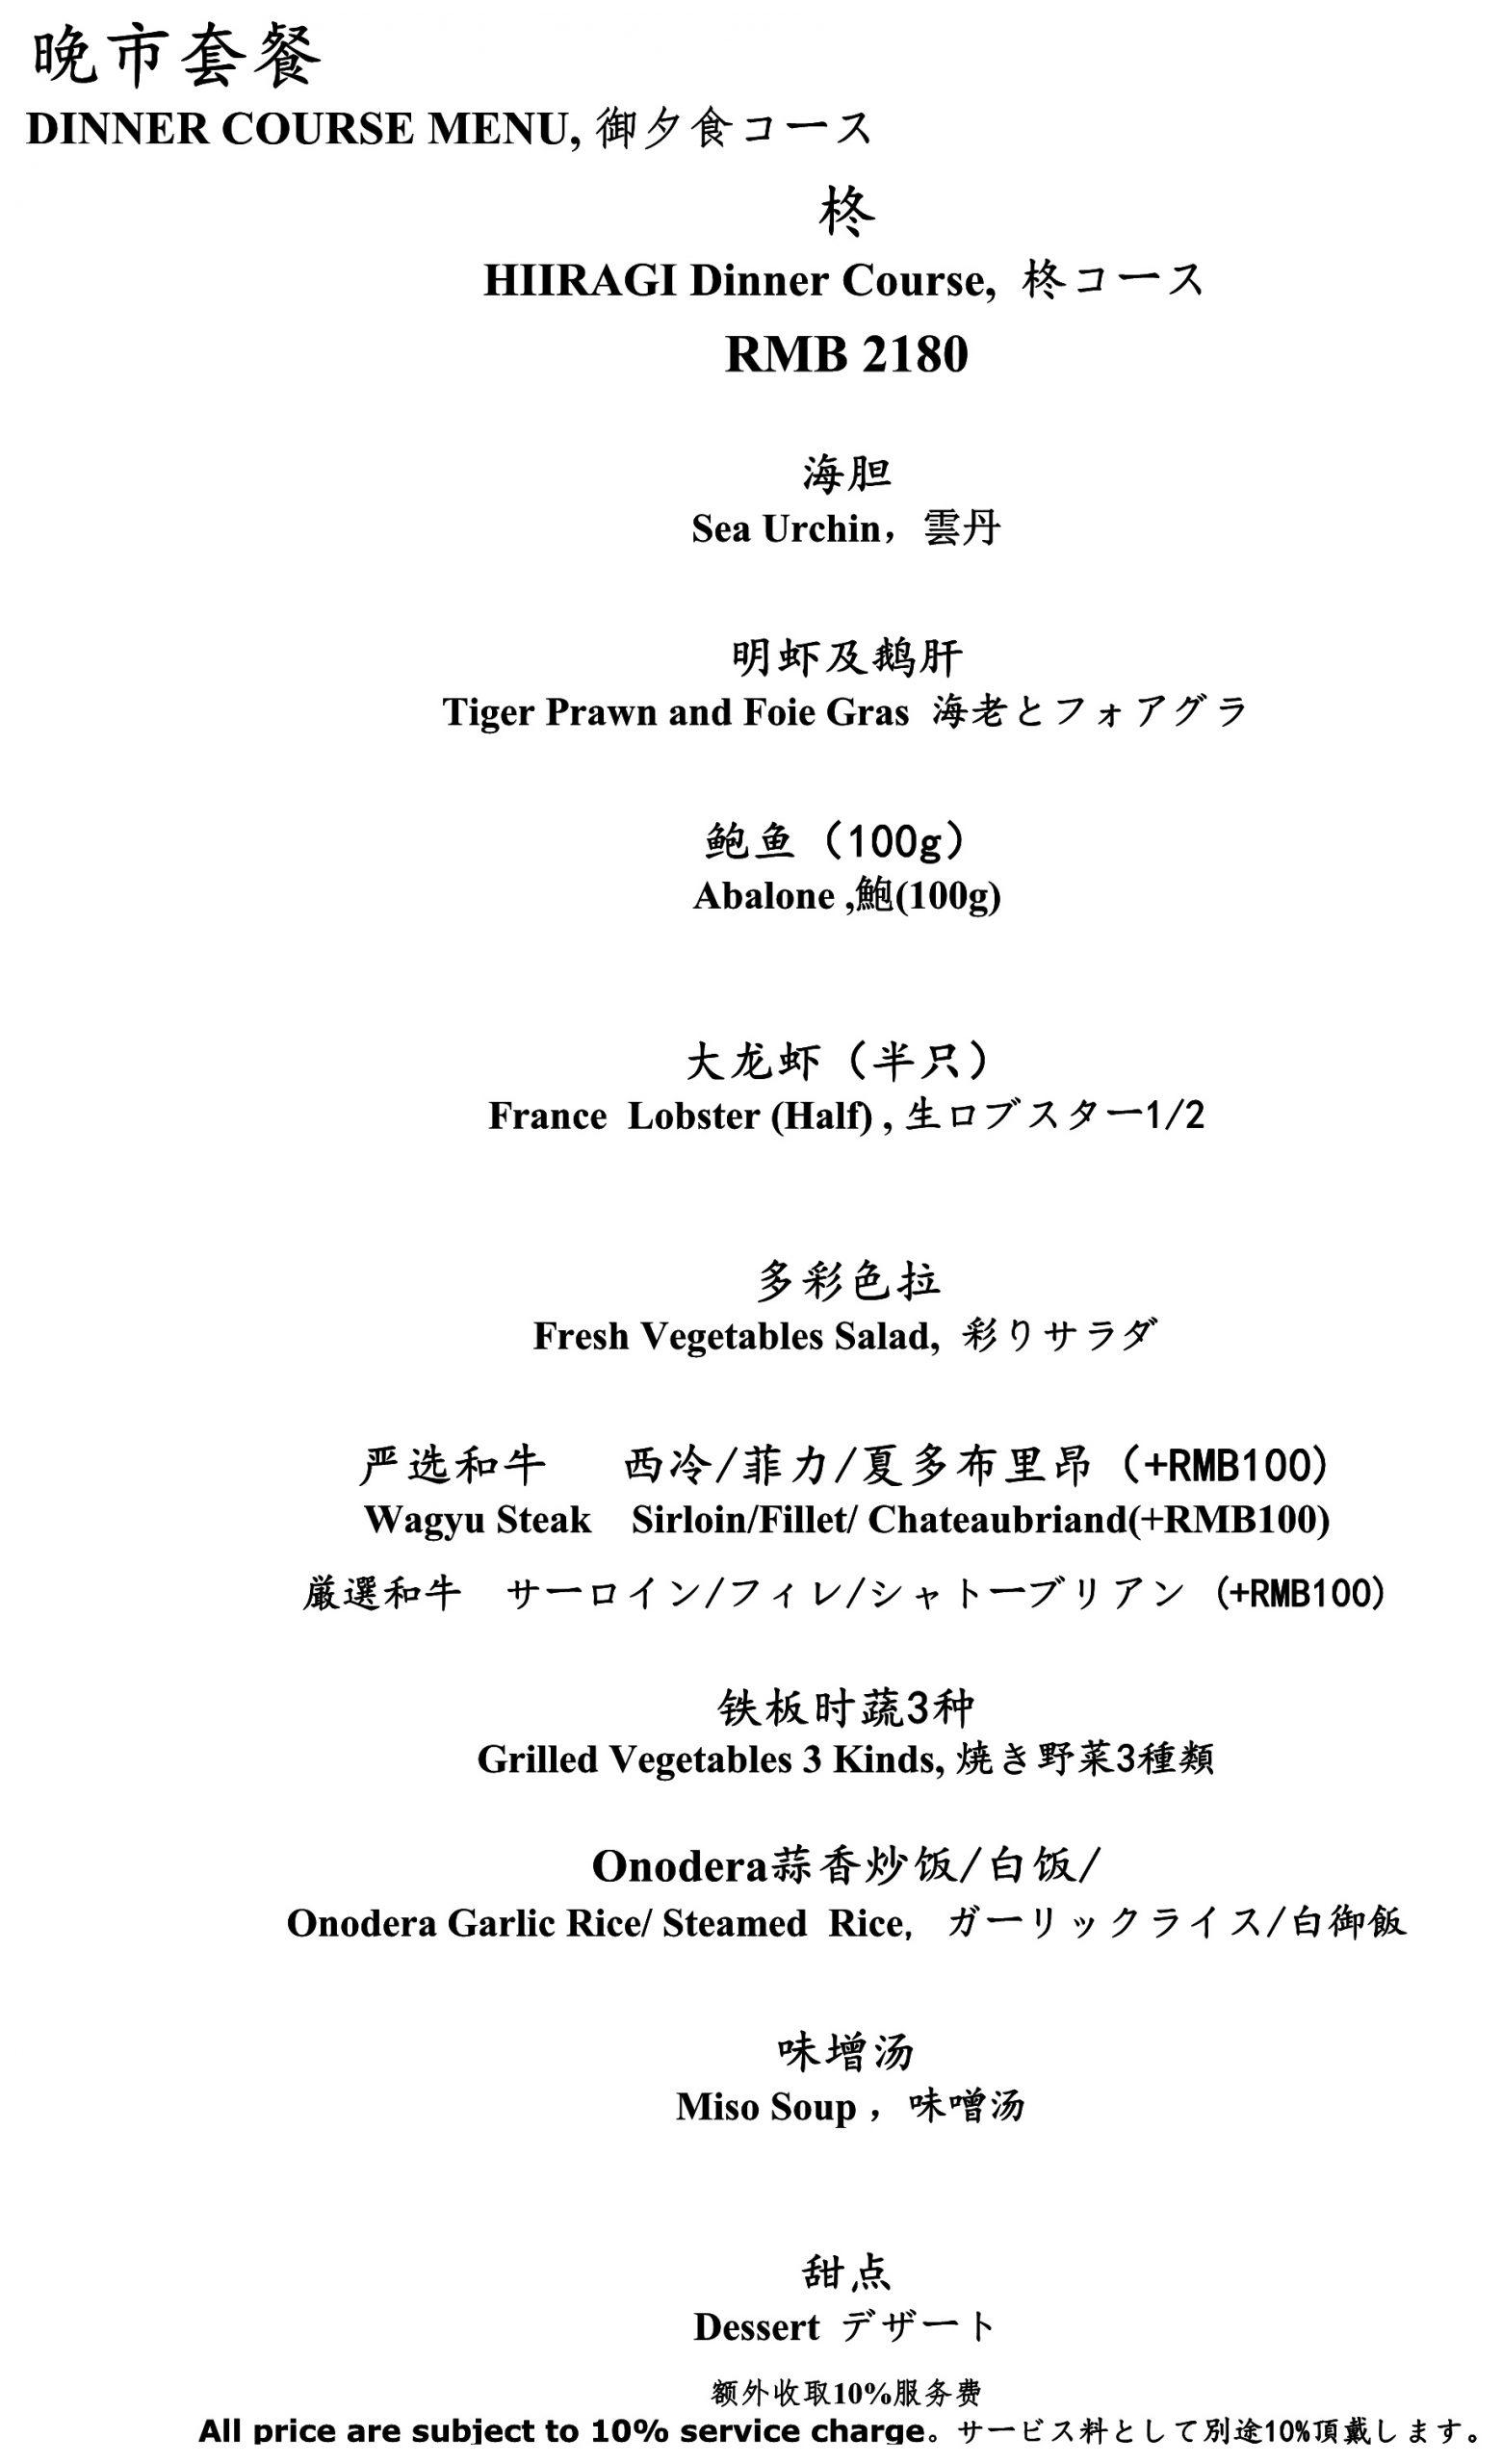 鉄板焼 [上海店] ディナーメニュー9